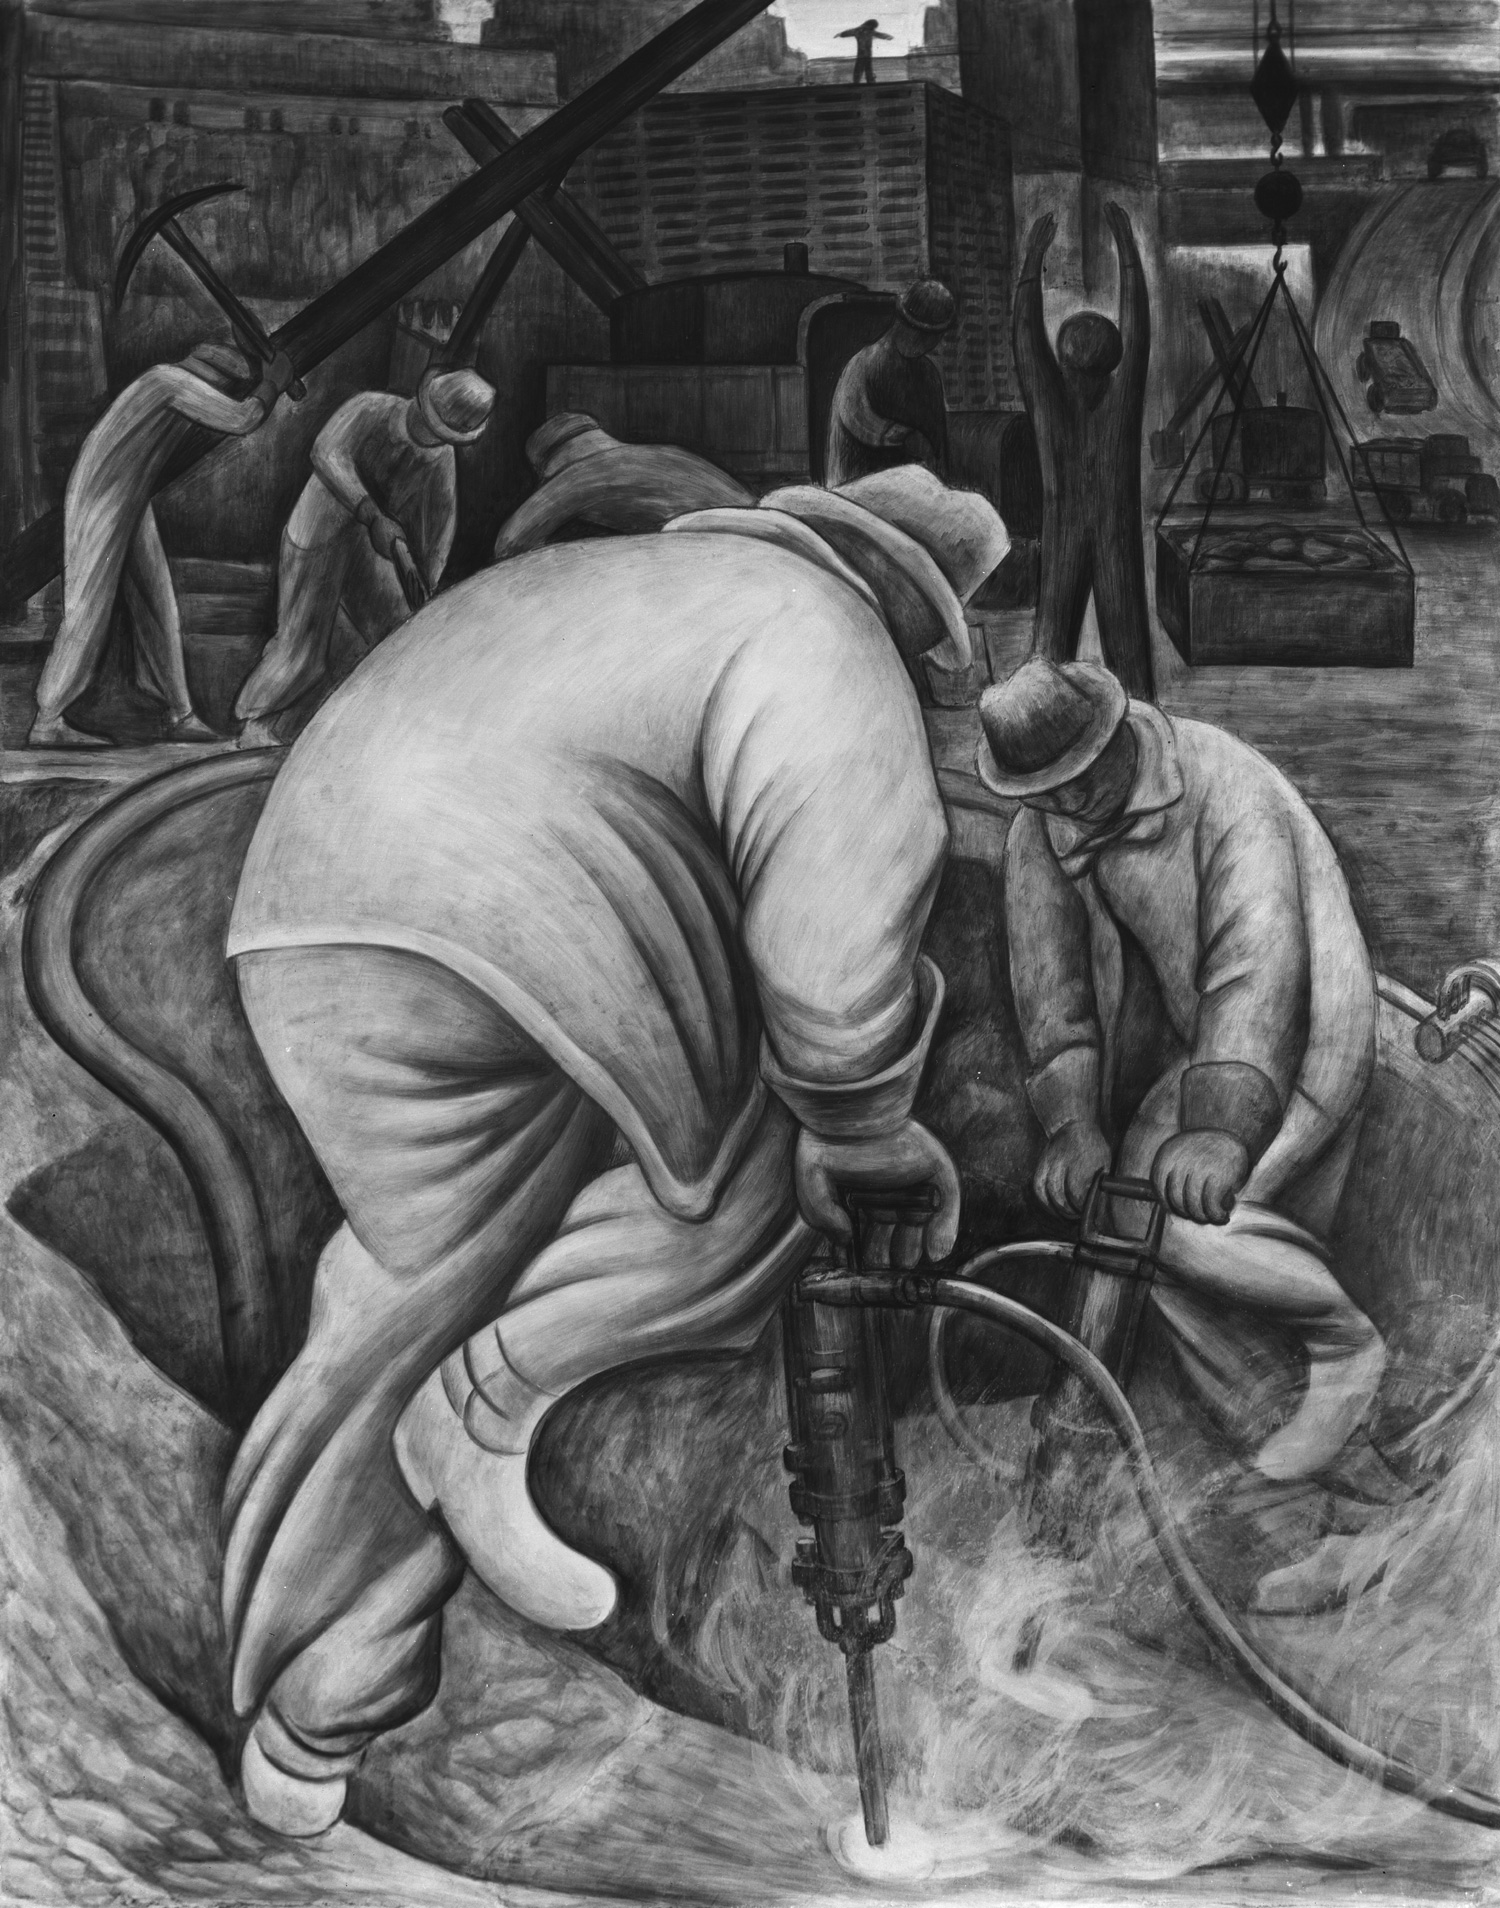 Taladro neum tico diego rivera murales para el museo de for Un mural de diego rivera